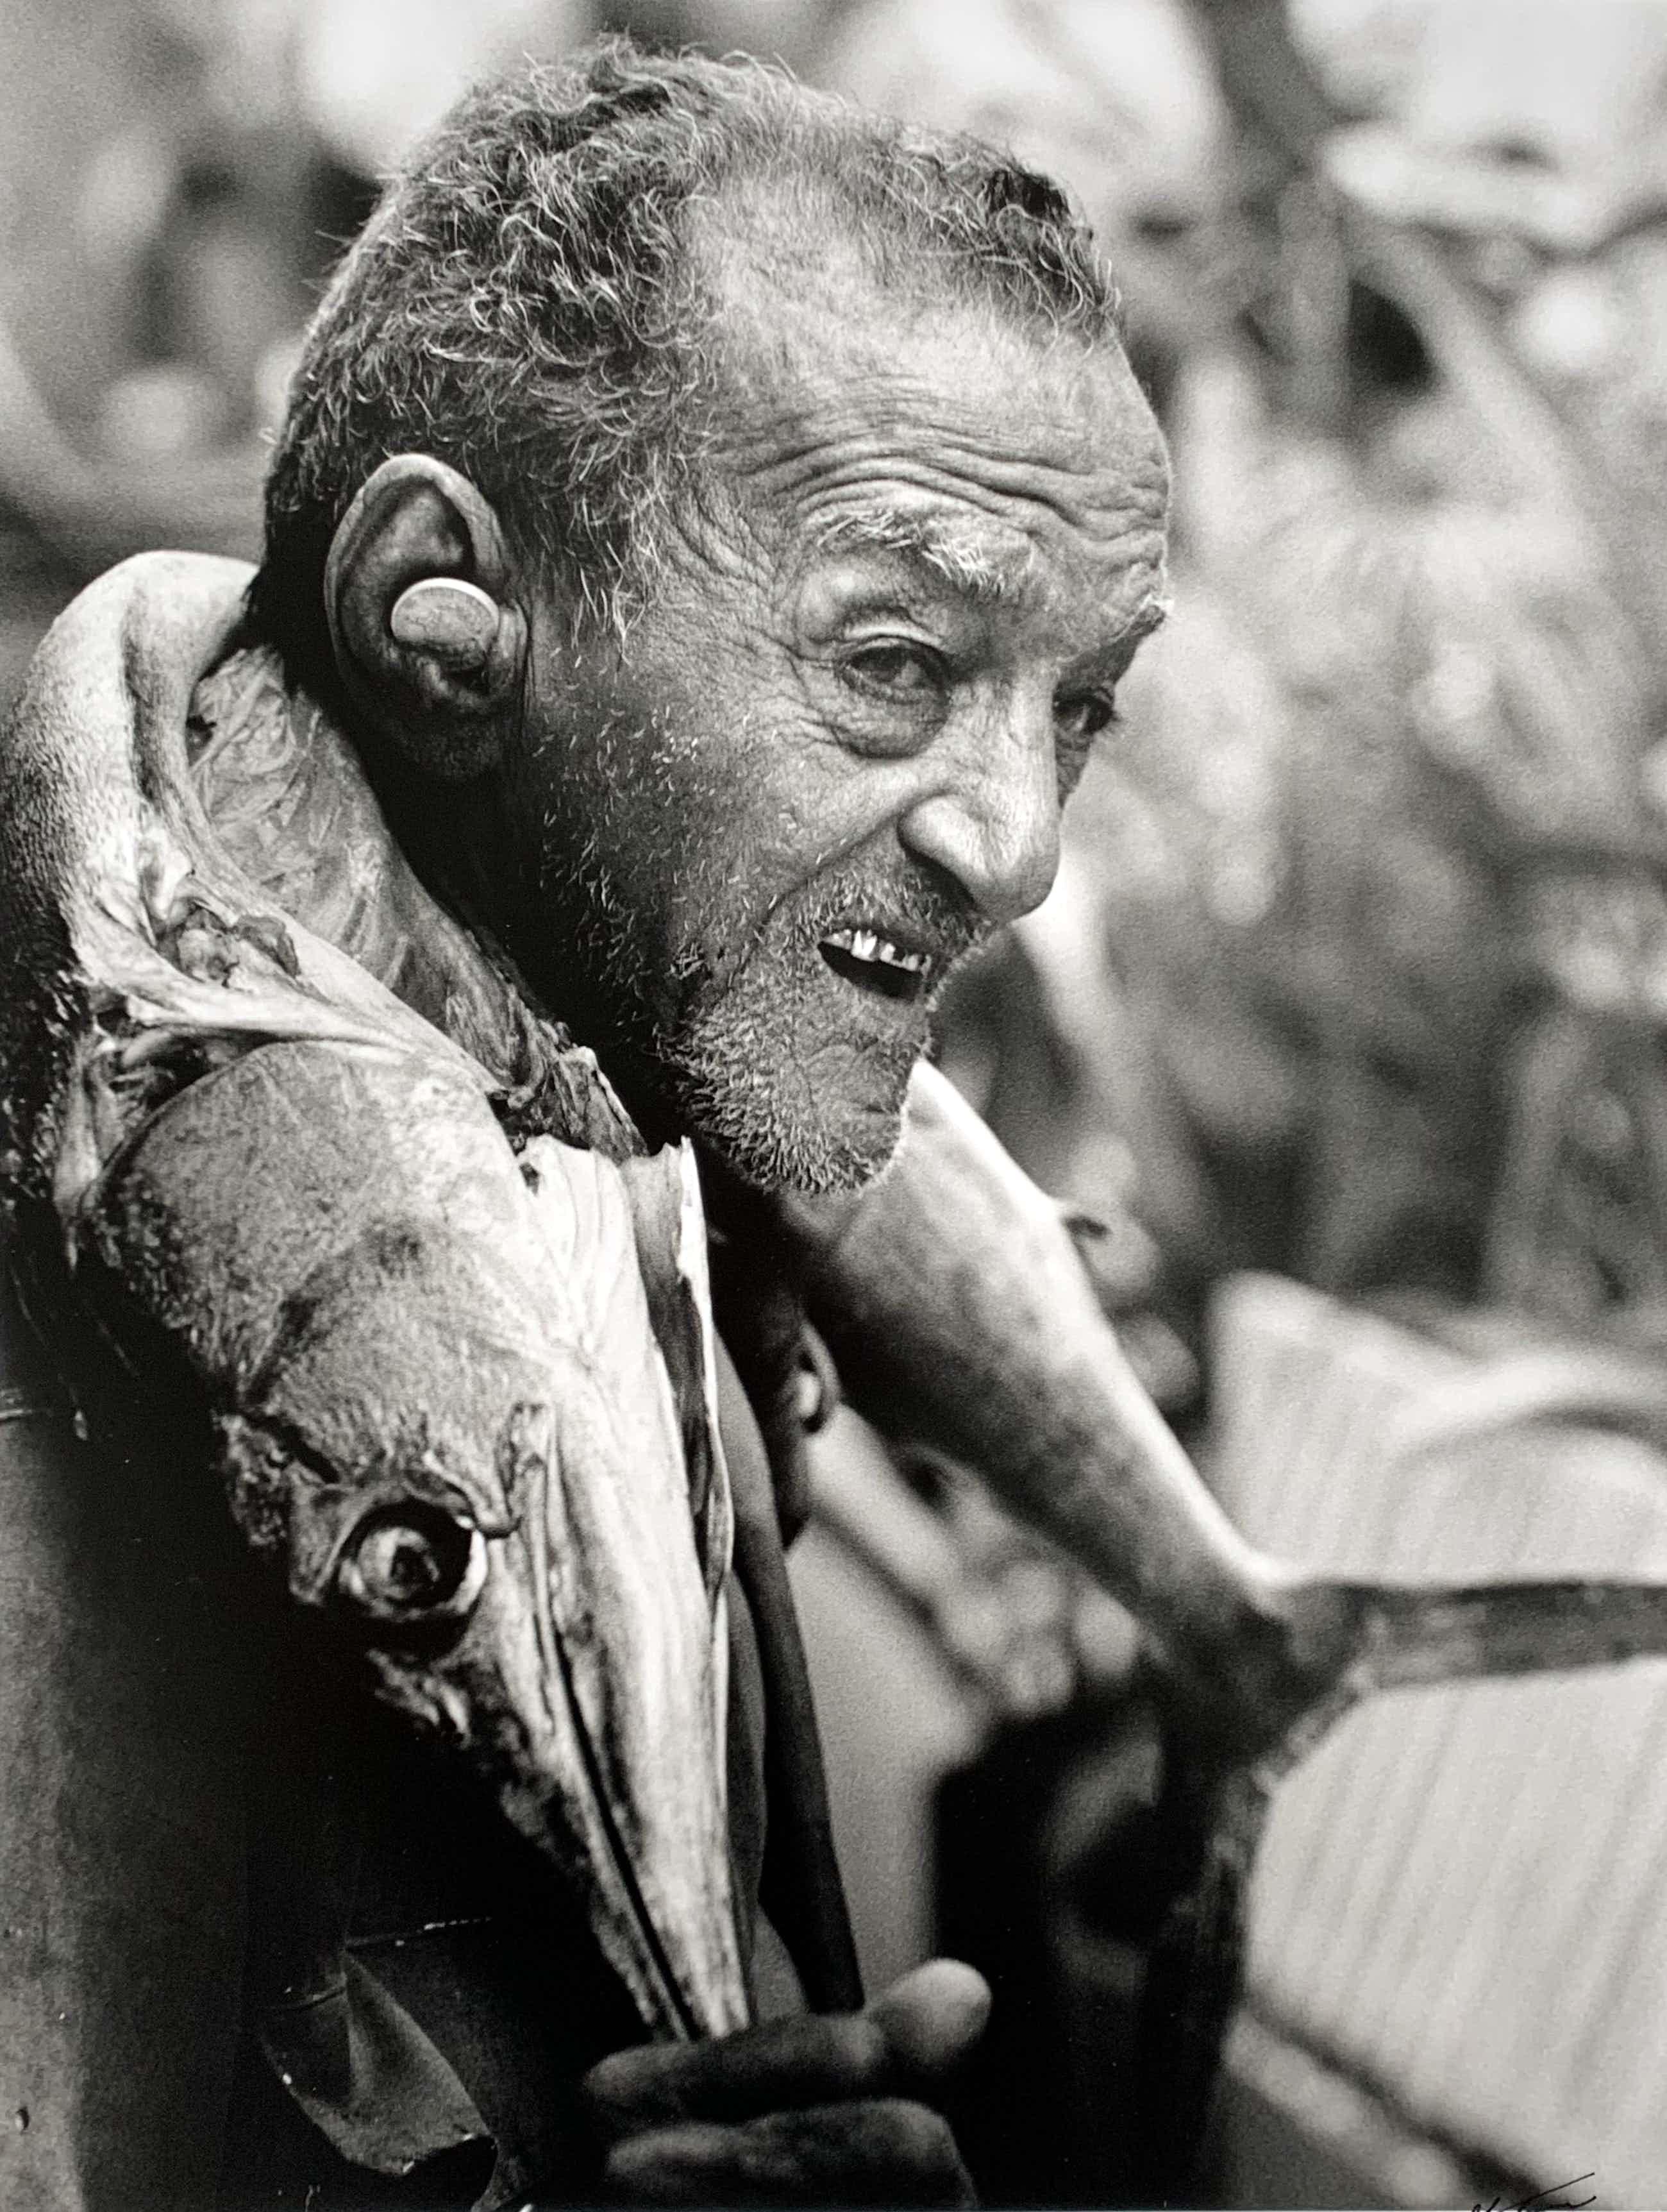 Nico Koster - handgesigneerde foto   'Cubaanse visser'   1999 kopen? Bied vanaf 70!